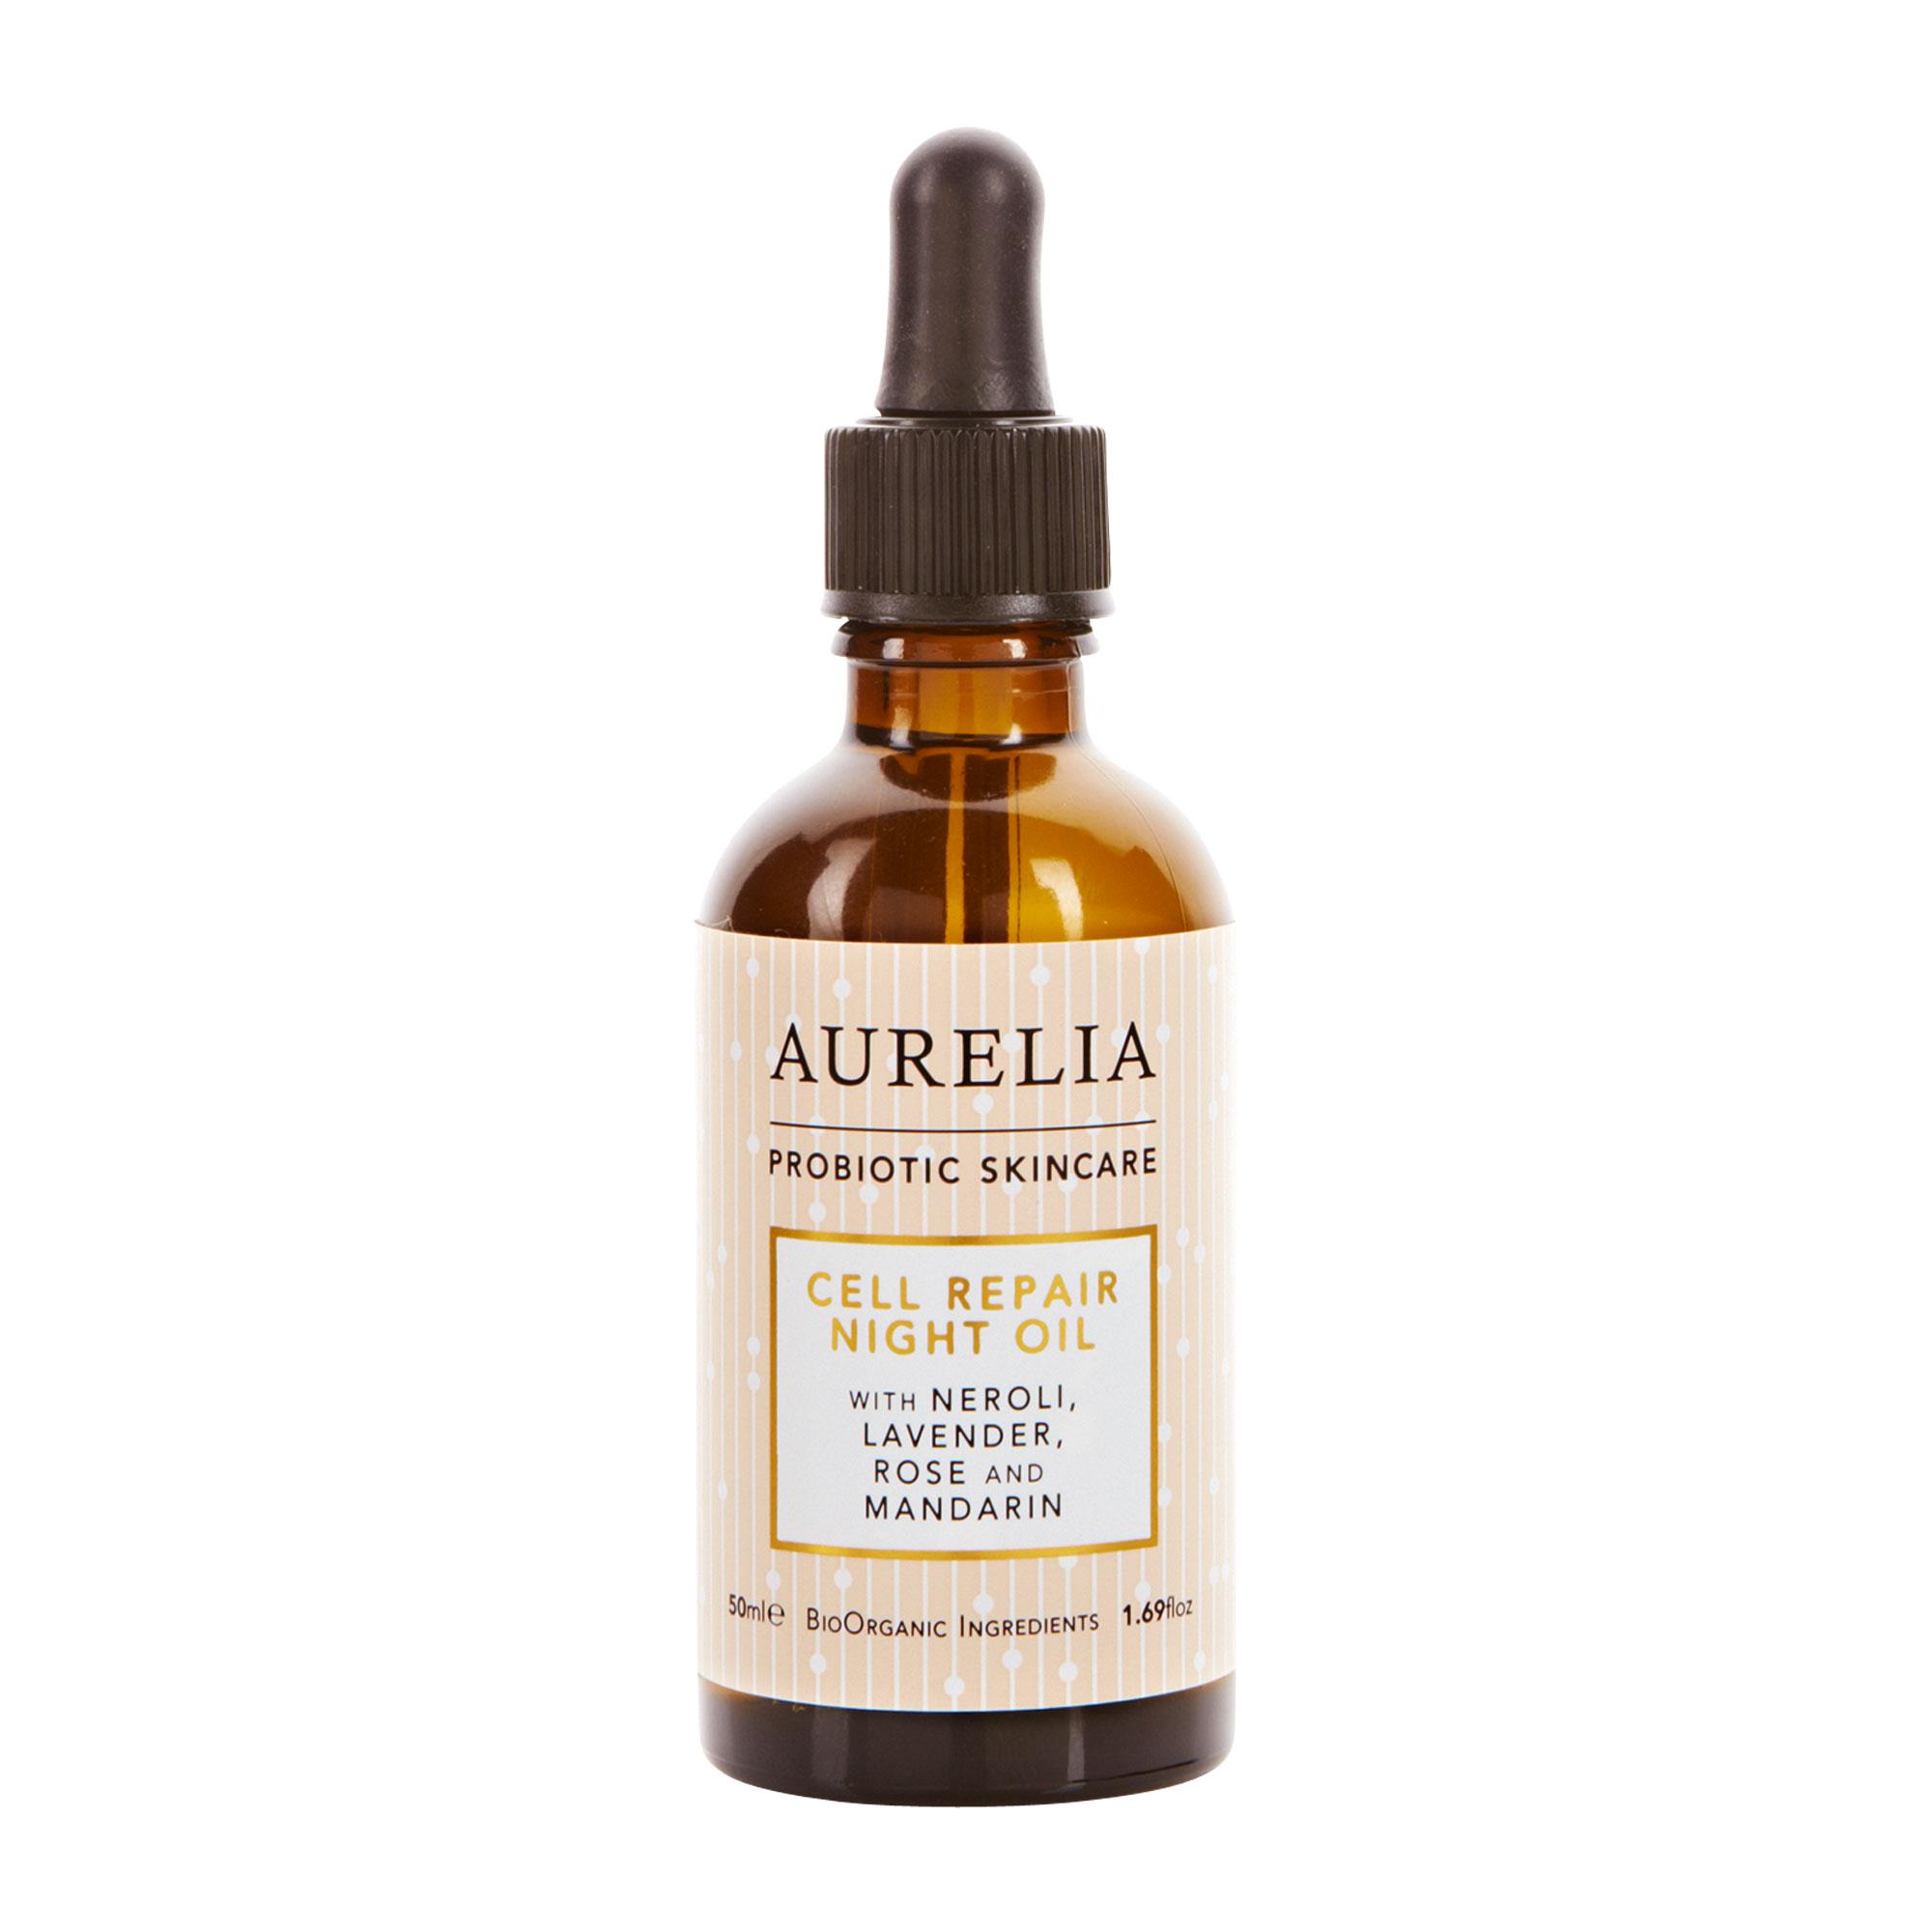 Aurelia Cell Repair Night Oil, 50 ml